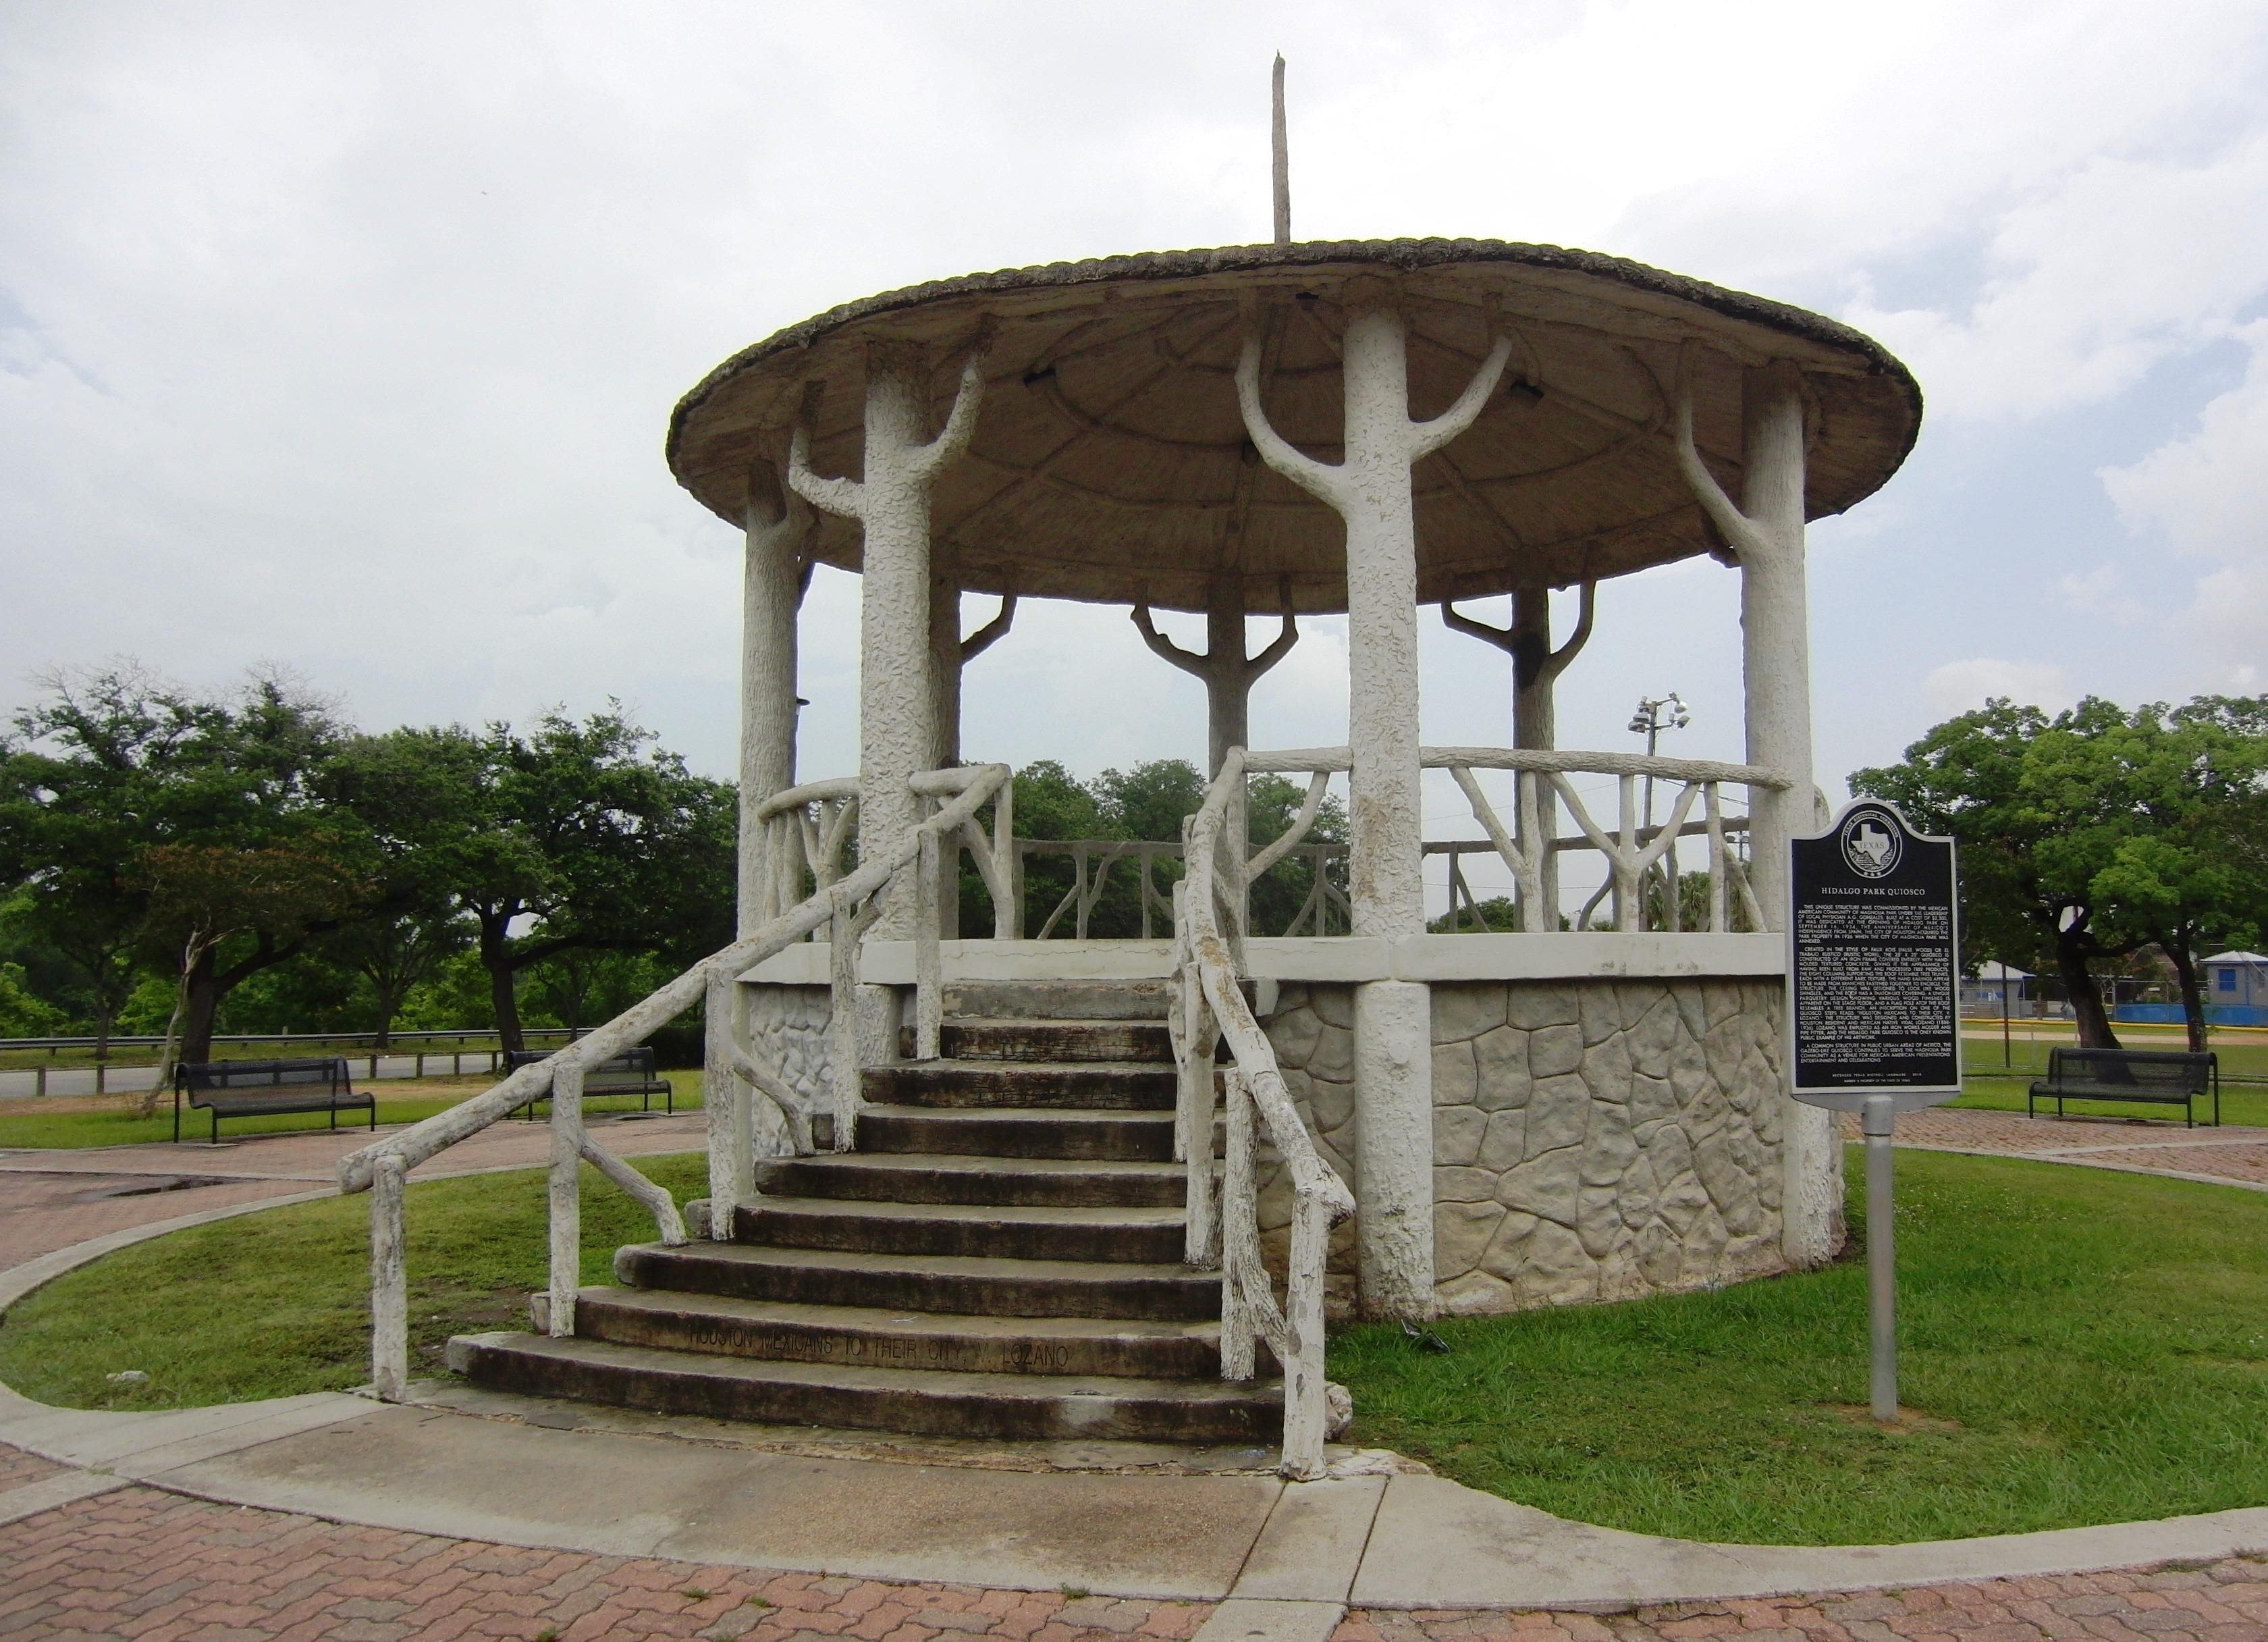 Hollywood, Quiosco in Hidalgo Park